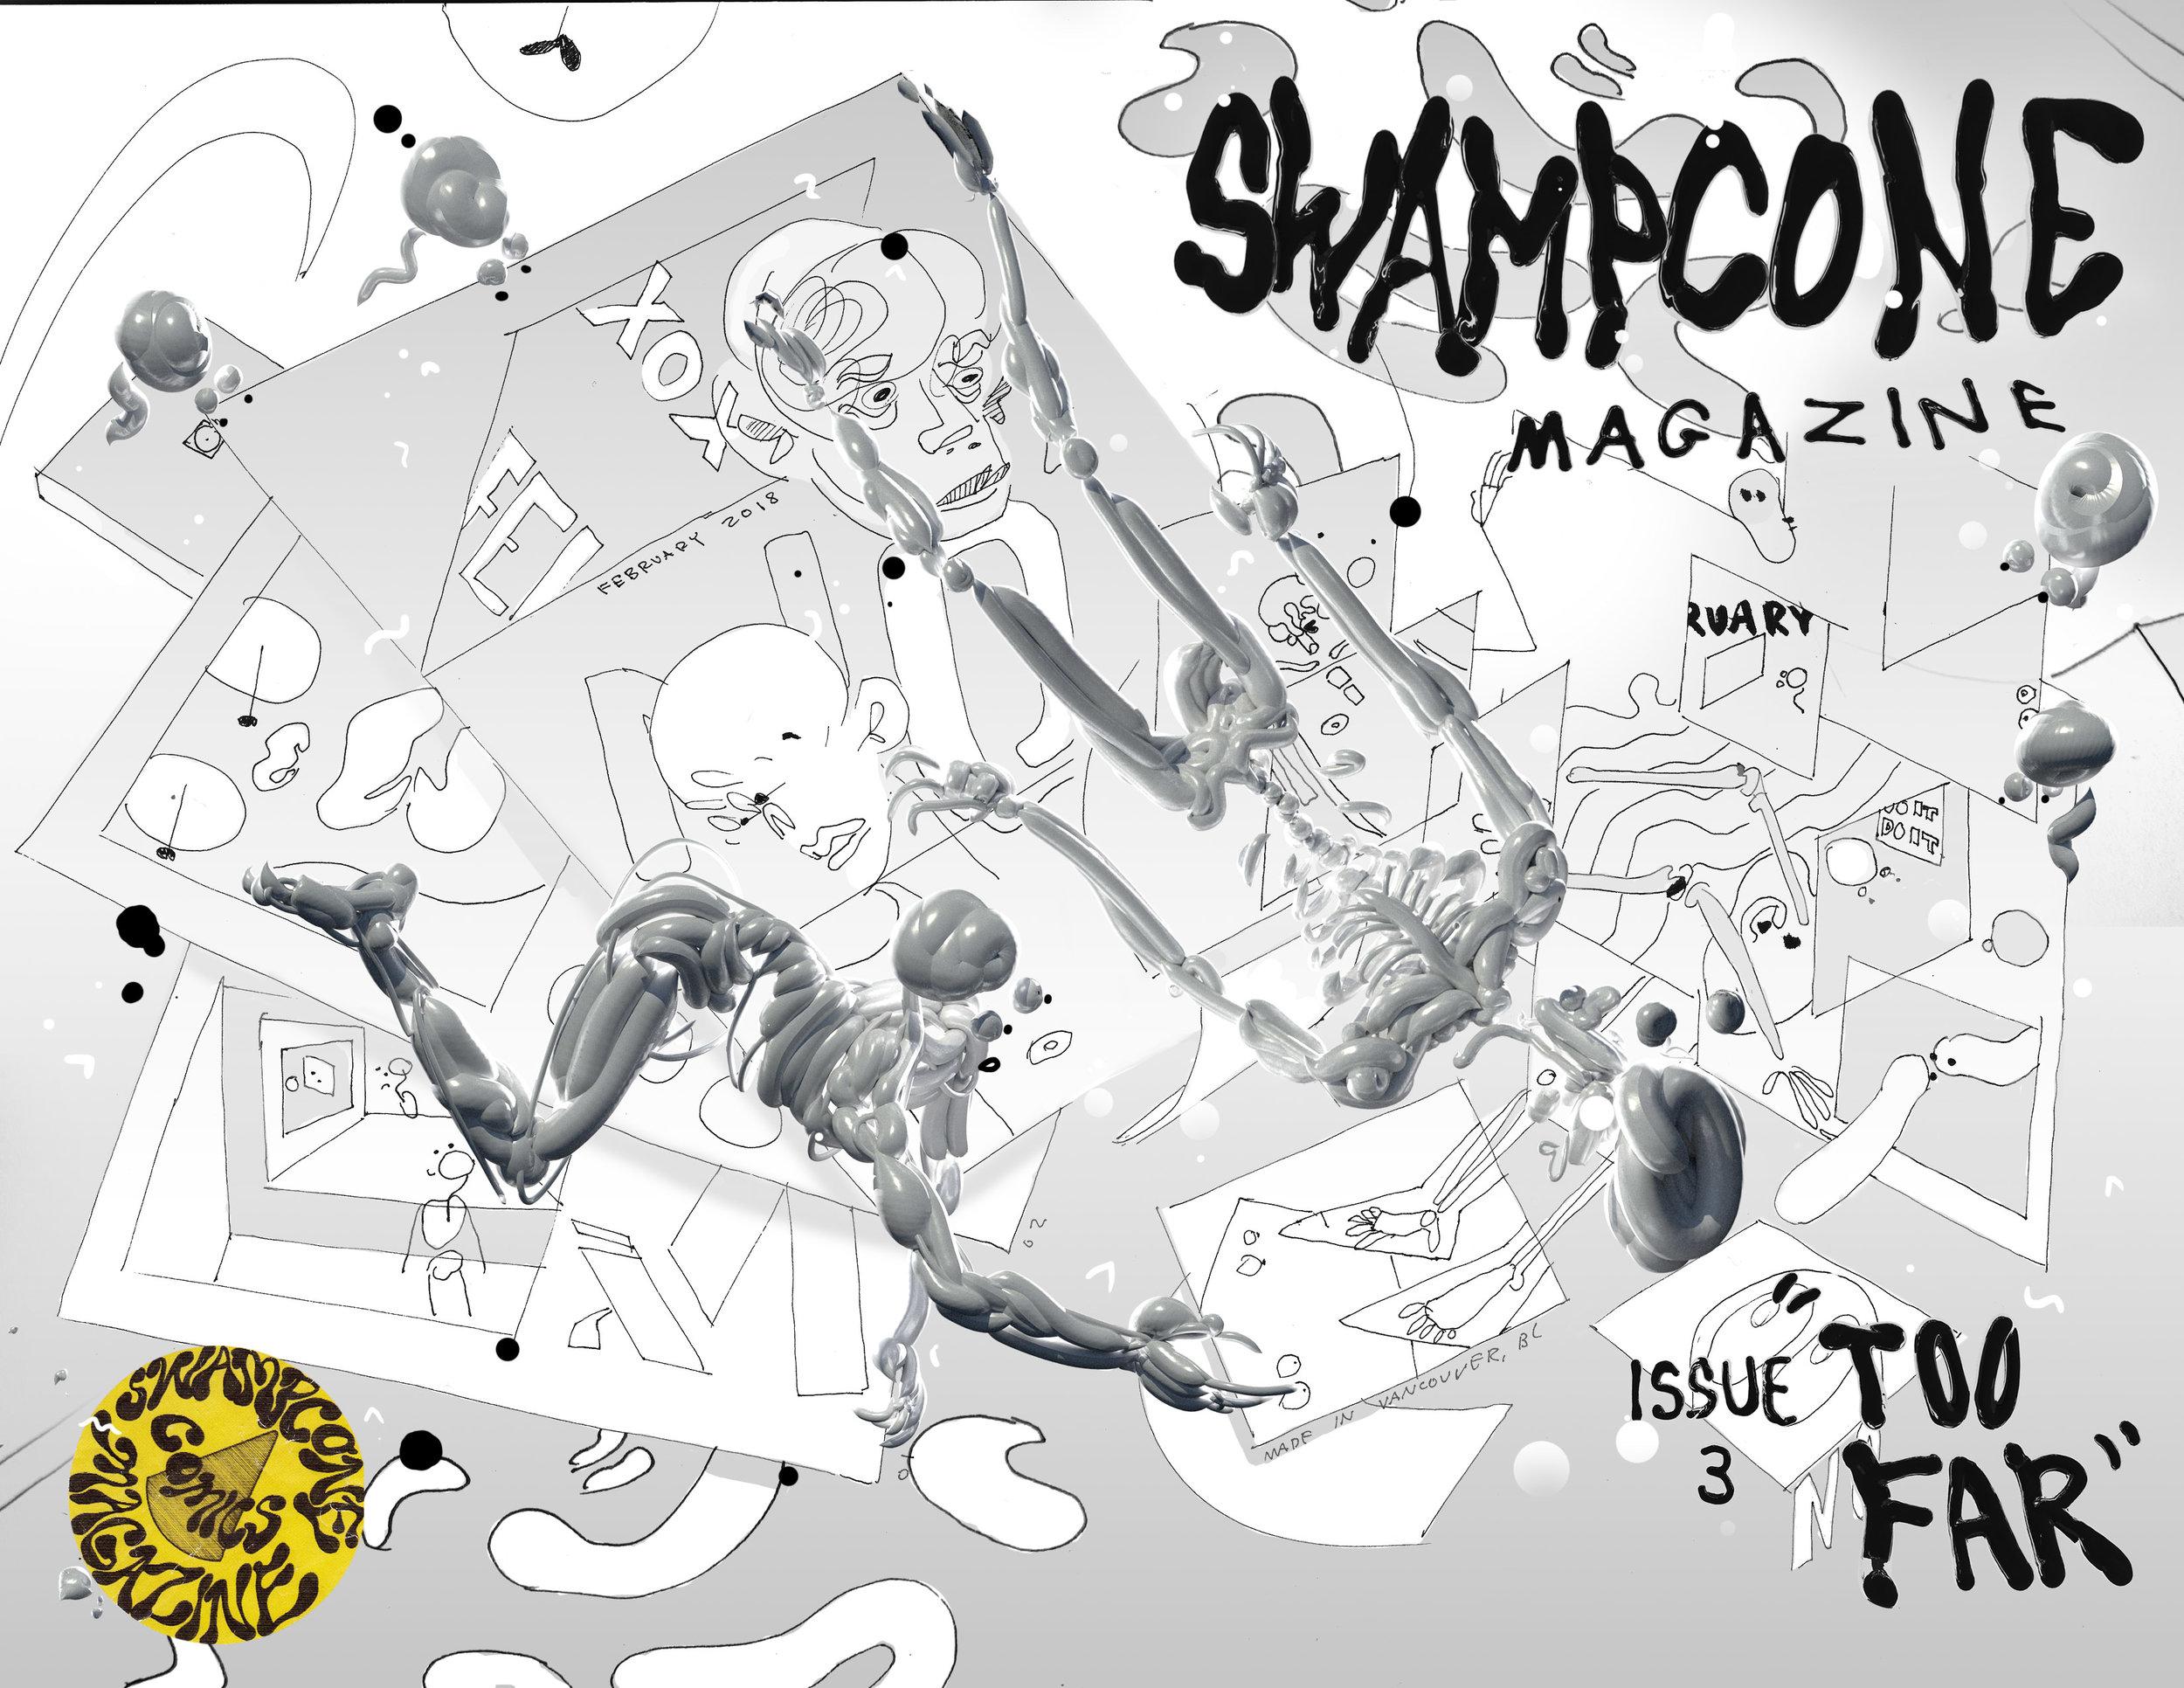 SWAMPCONE_FEB2_02.jpg